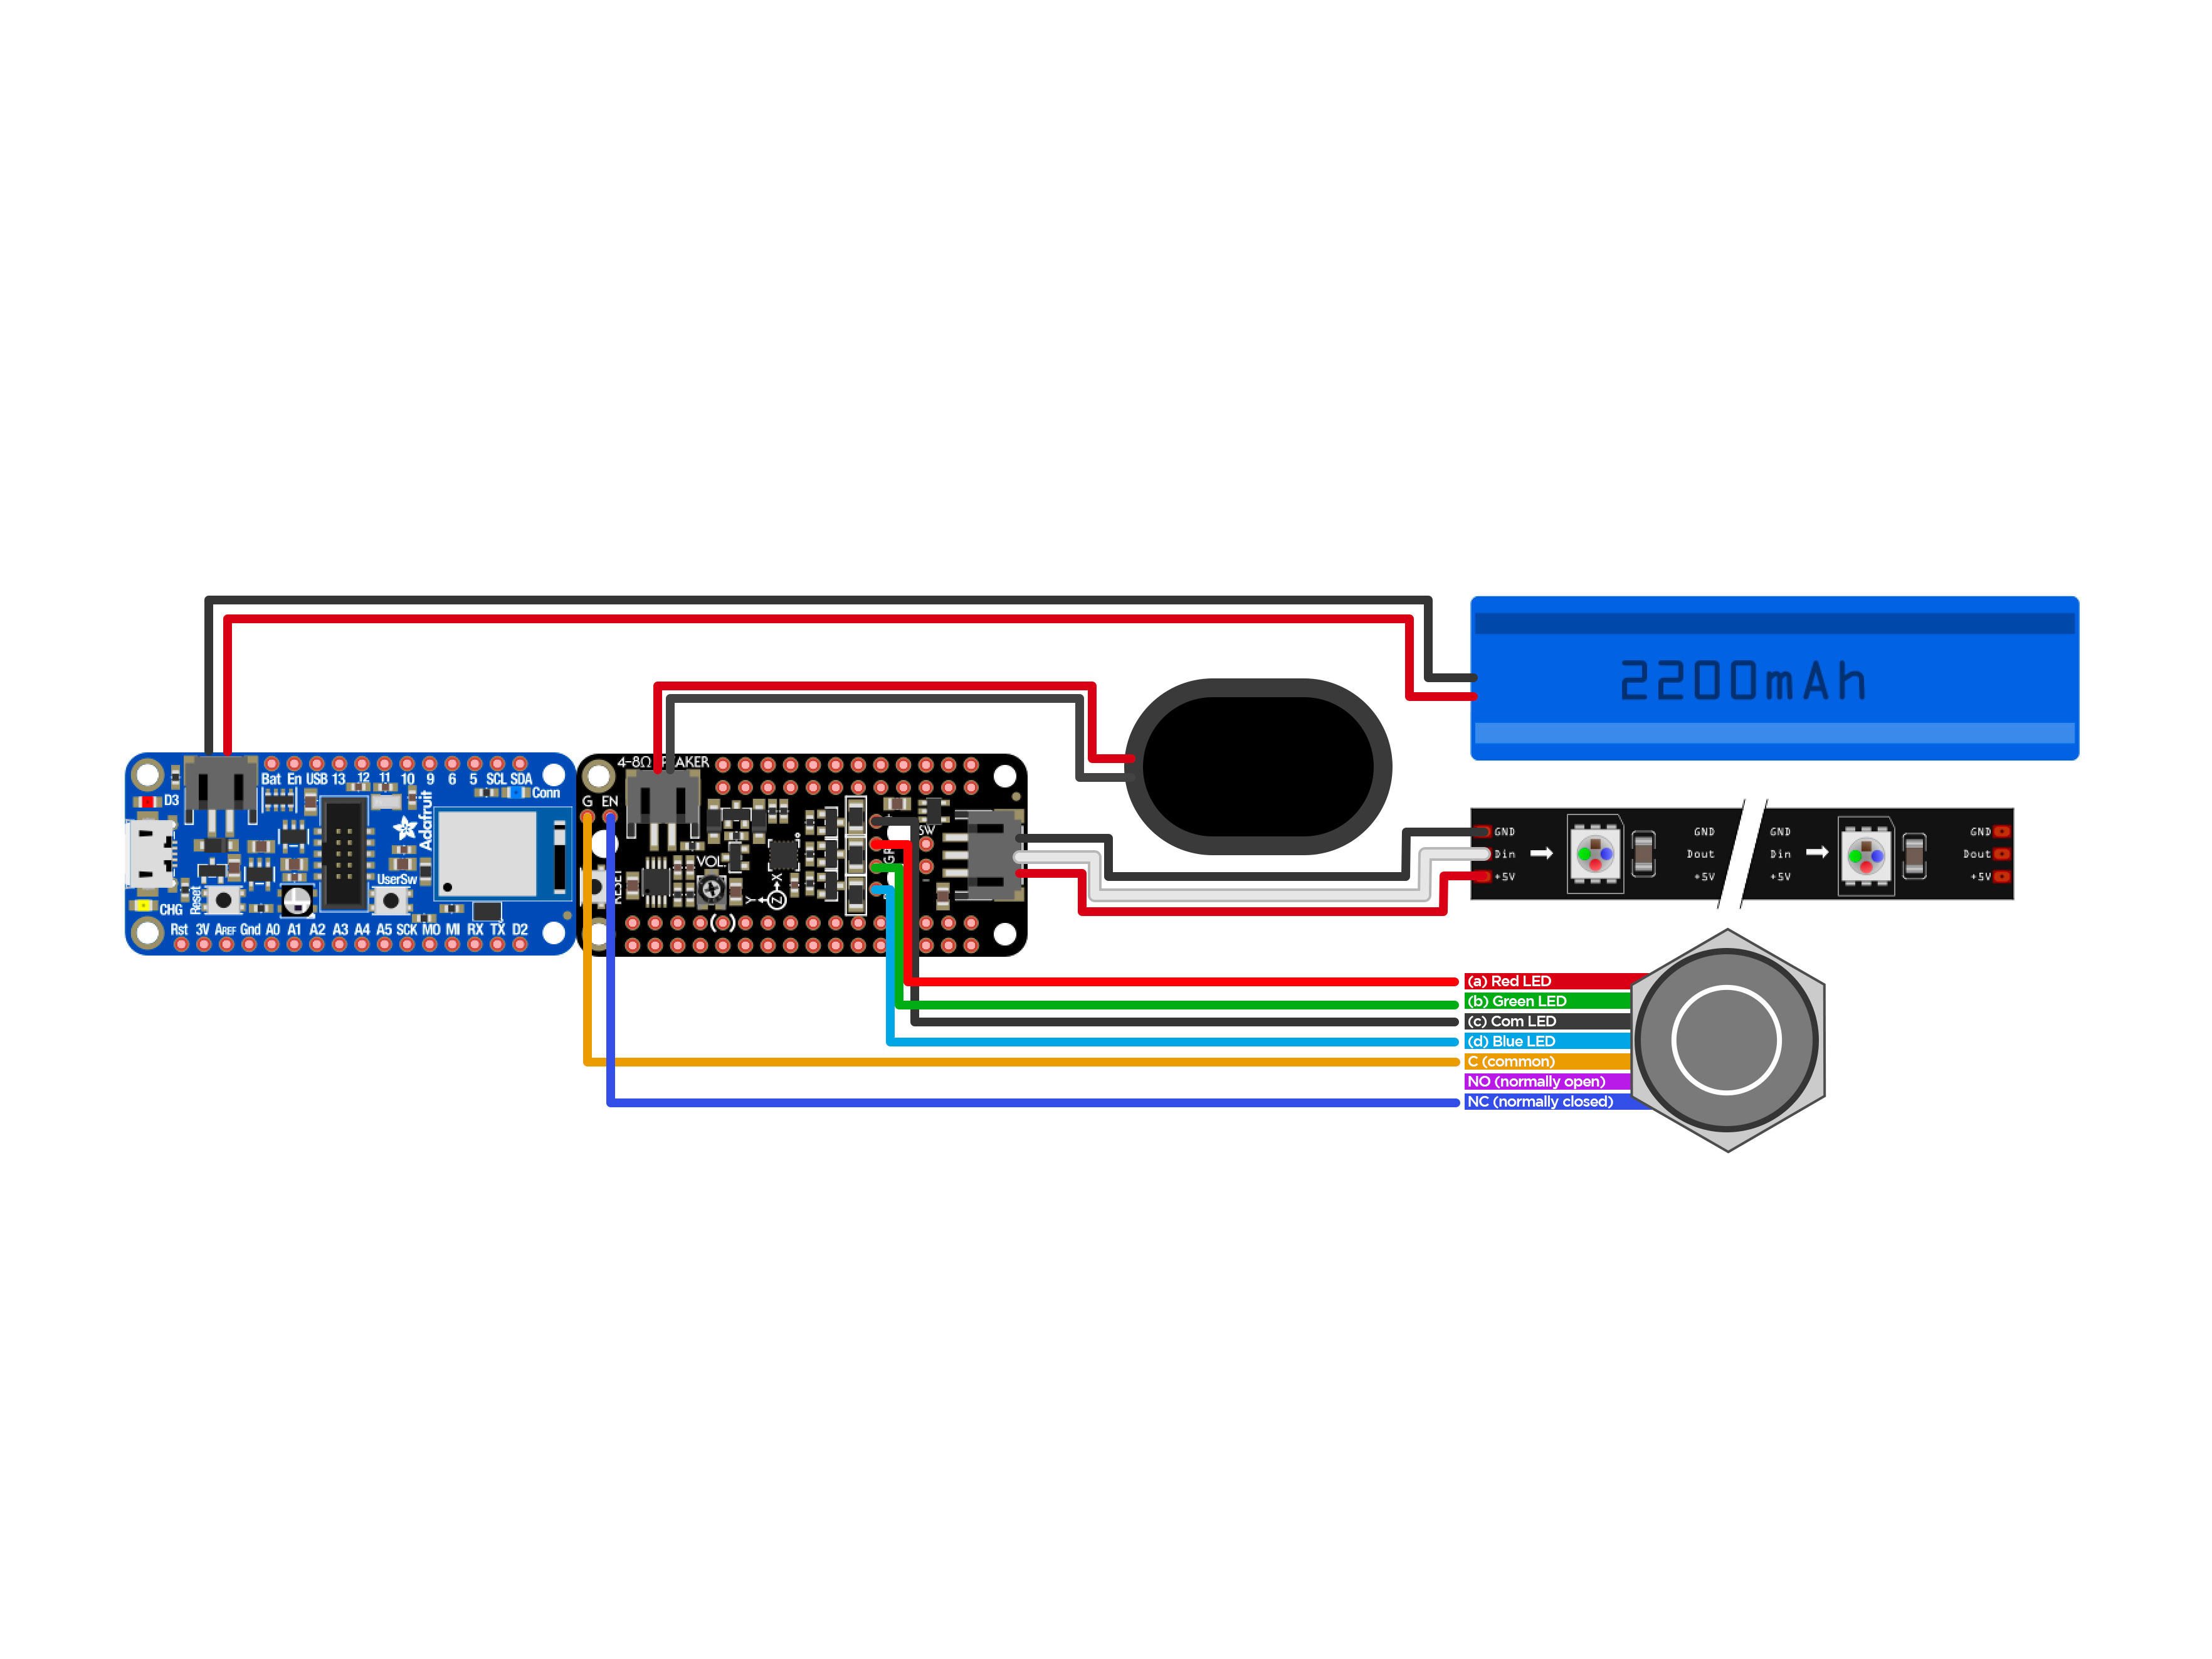 3d_printing_propmaker-circuit.jpg